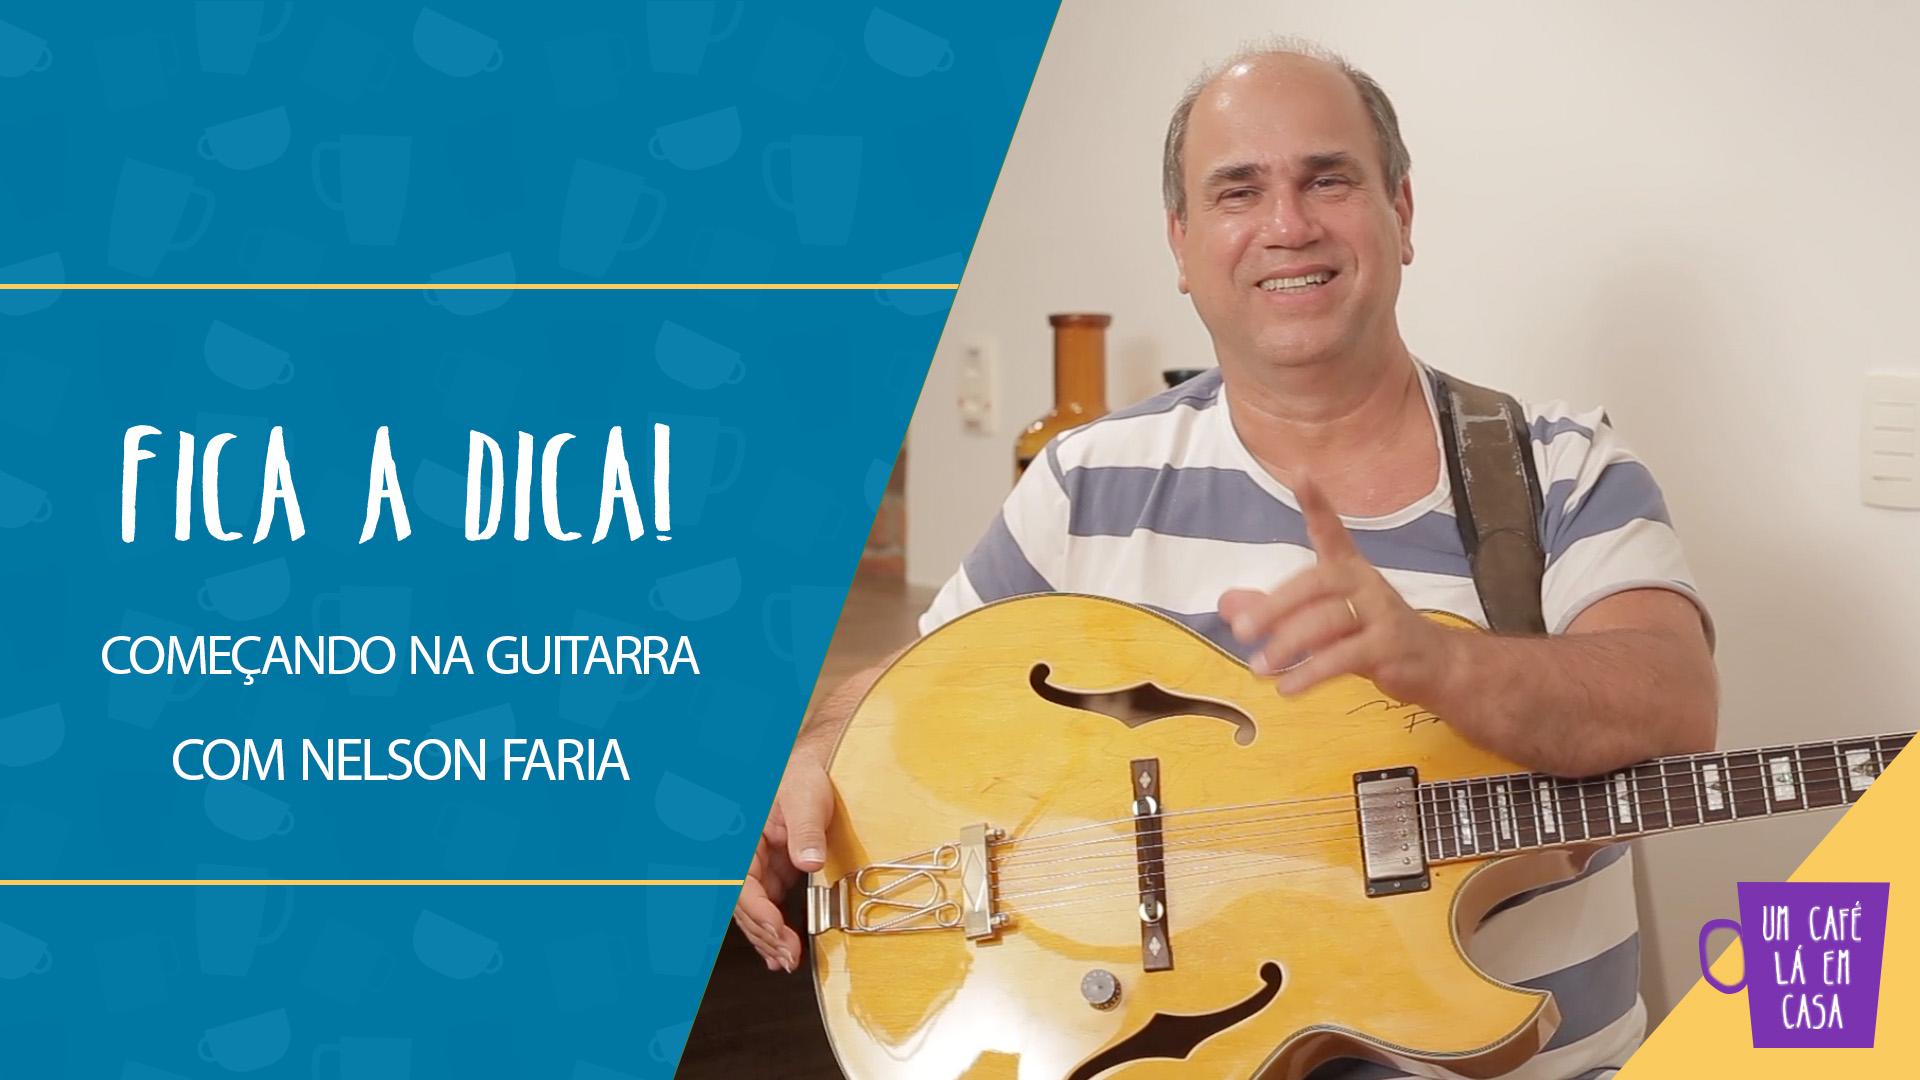 thumbnail do vídeo - Nelson Faria sorrindo e apontando pra câmera com sua guitarra